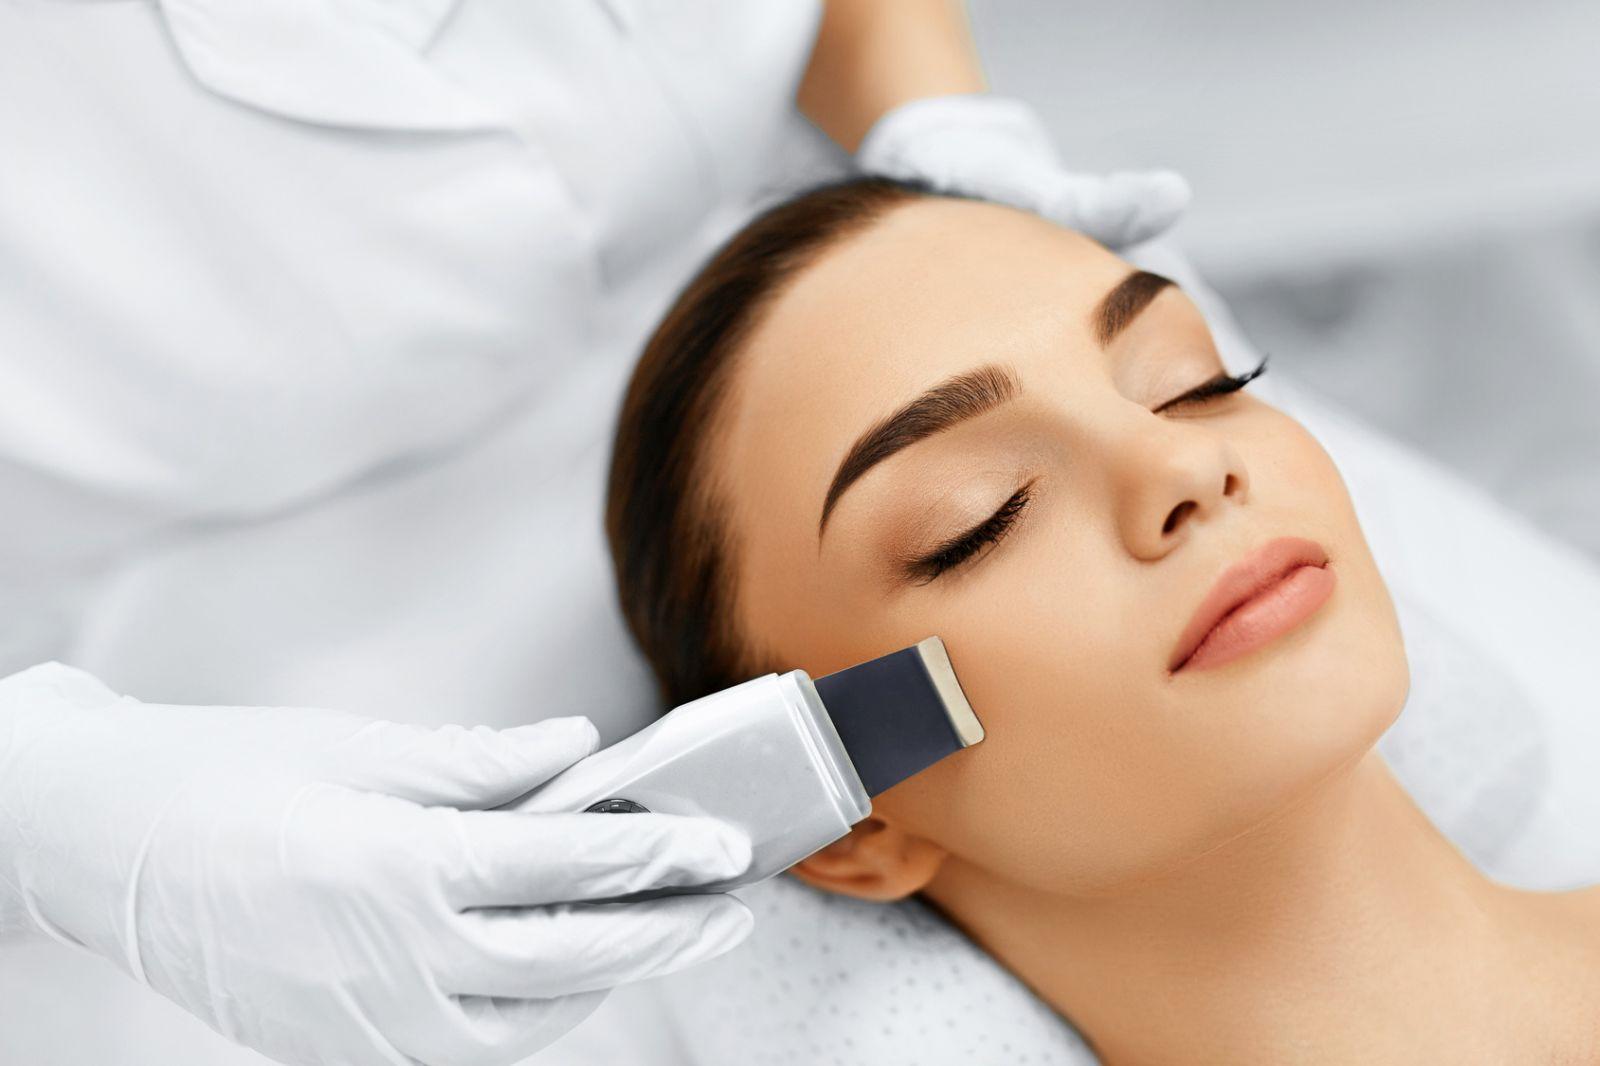 Tratamientos faciales con radiofrecuencia fraccionada